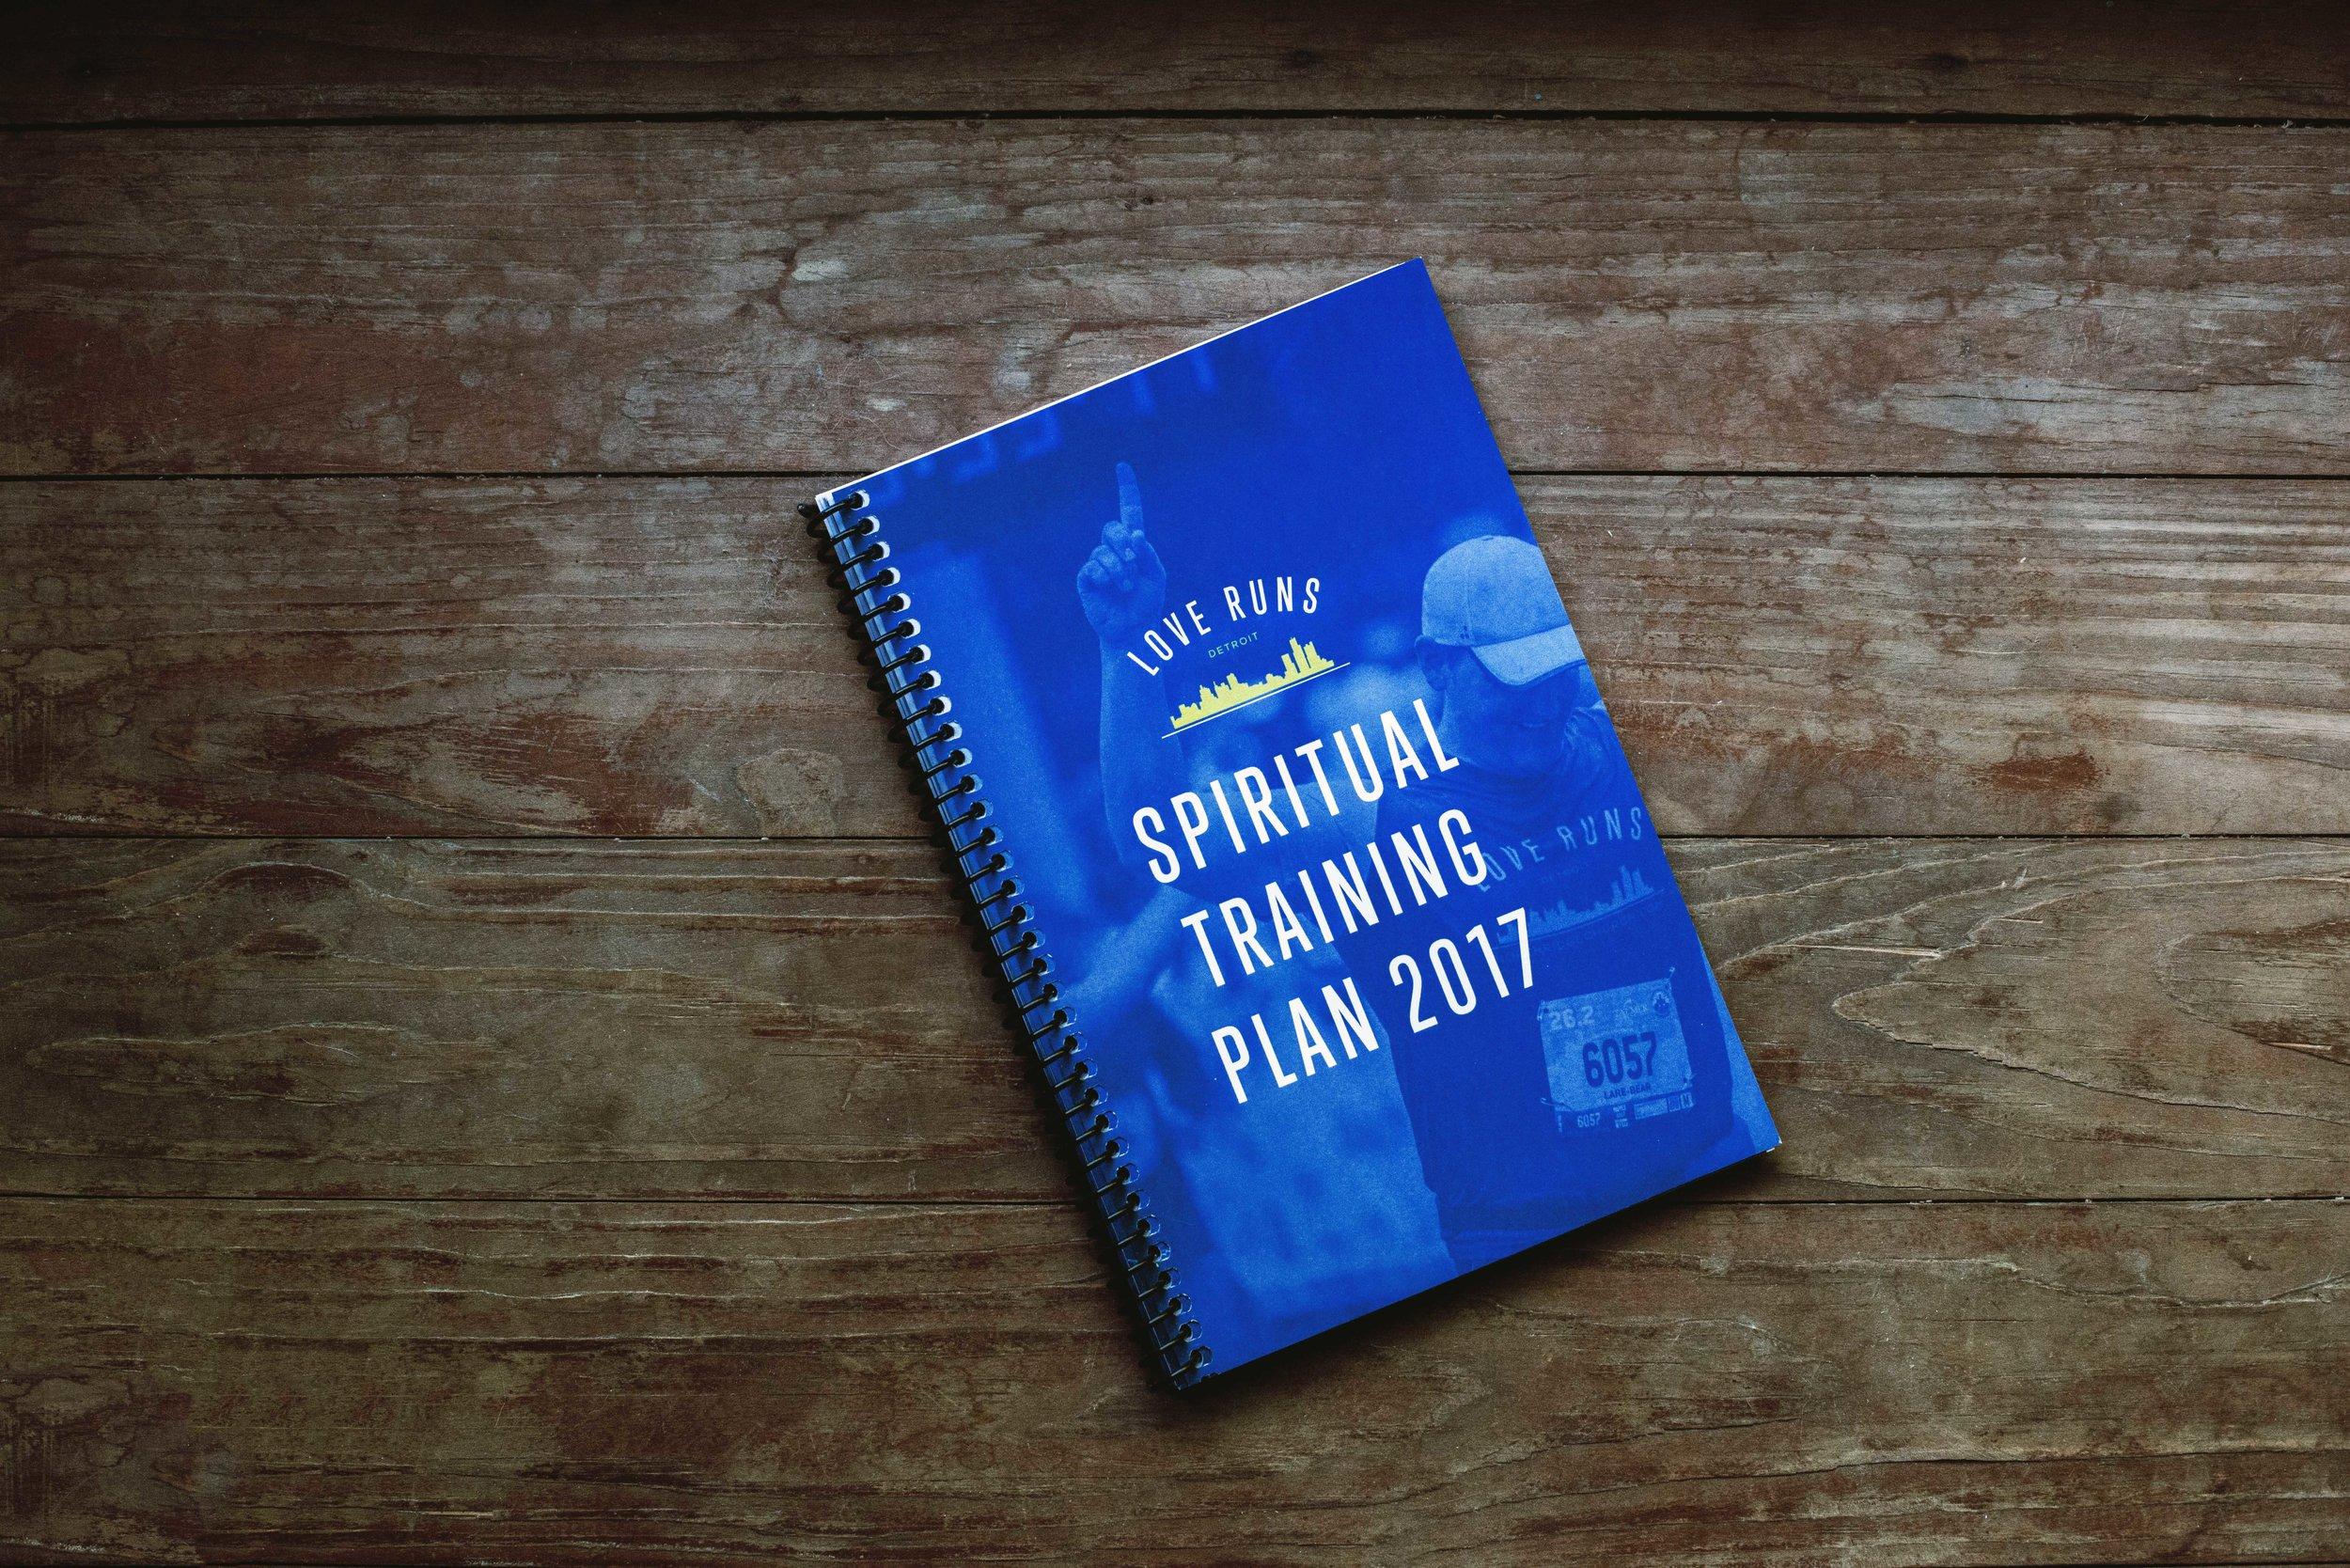 Spiritual Training Plan, 78 Pages